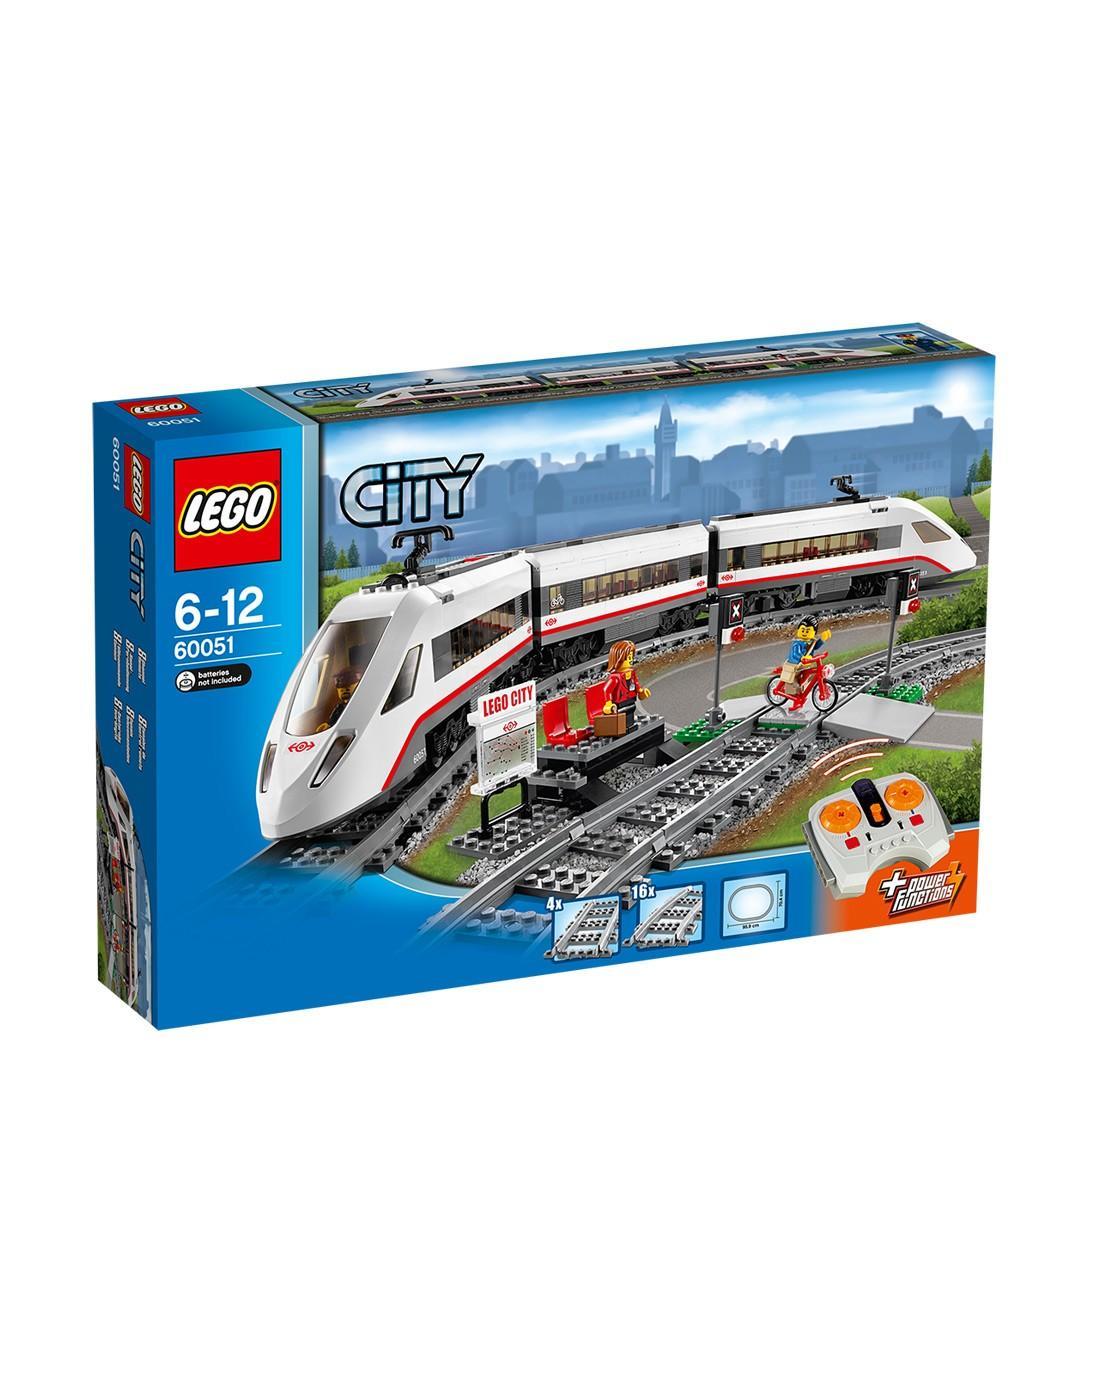 丹麦乐高legc60051高速客运列车(城市系列)